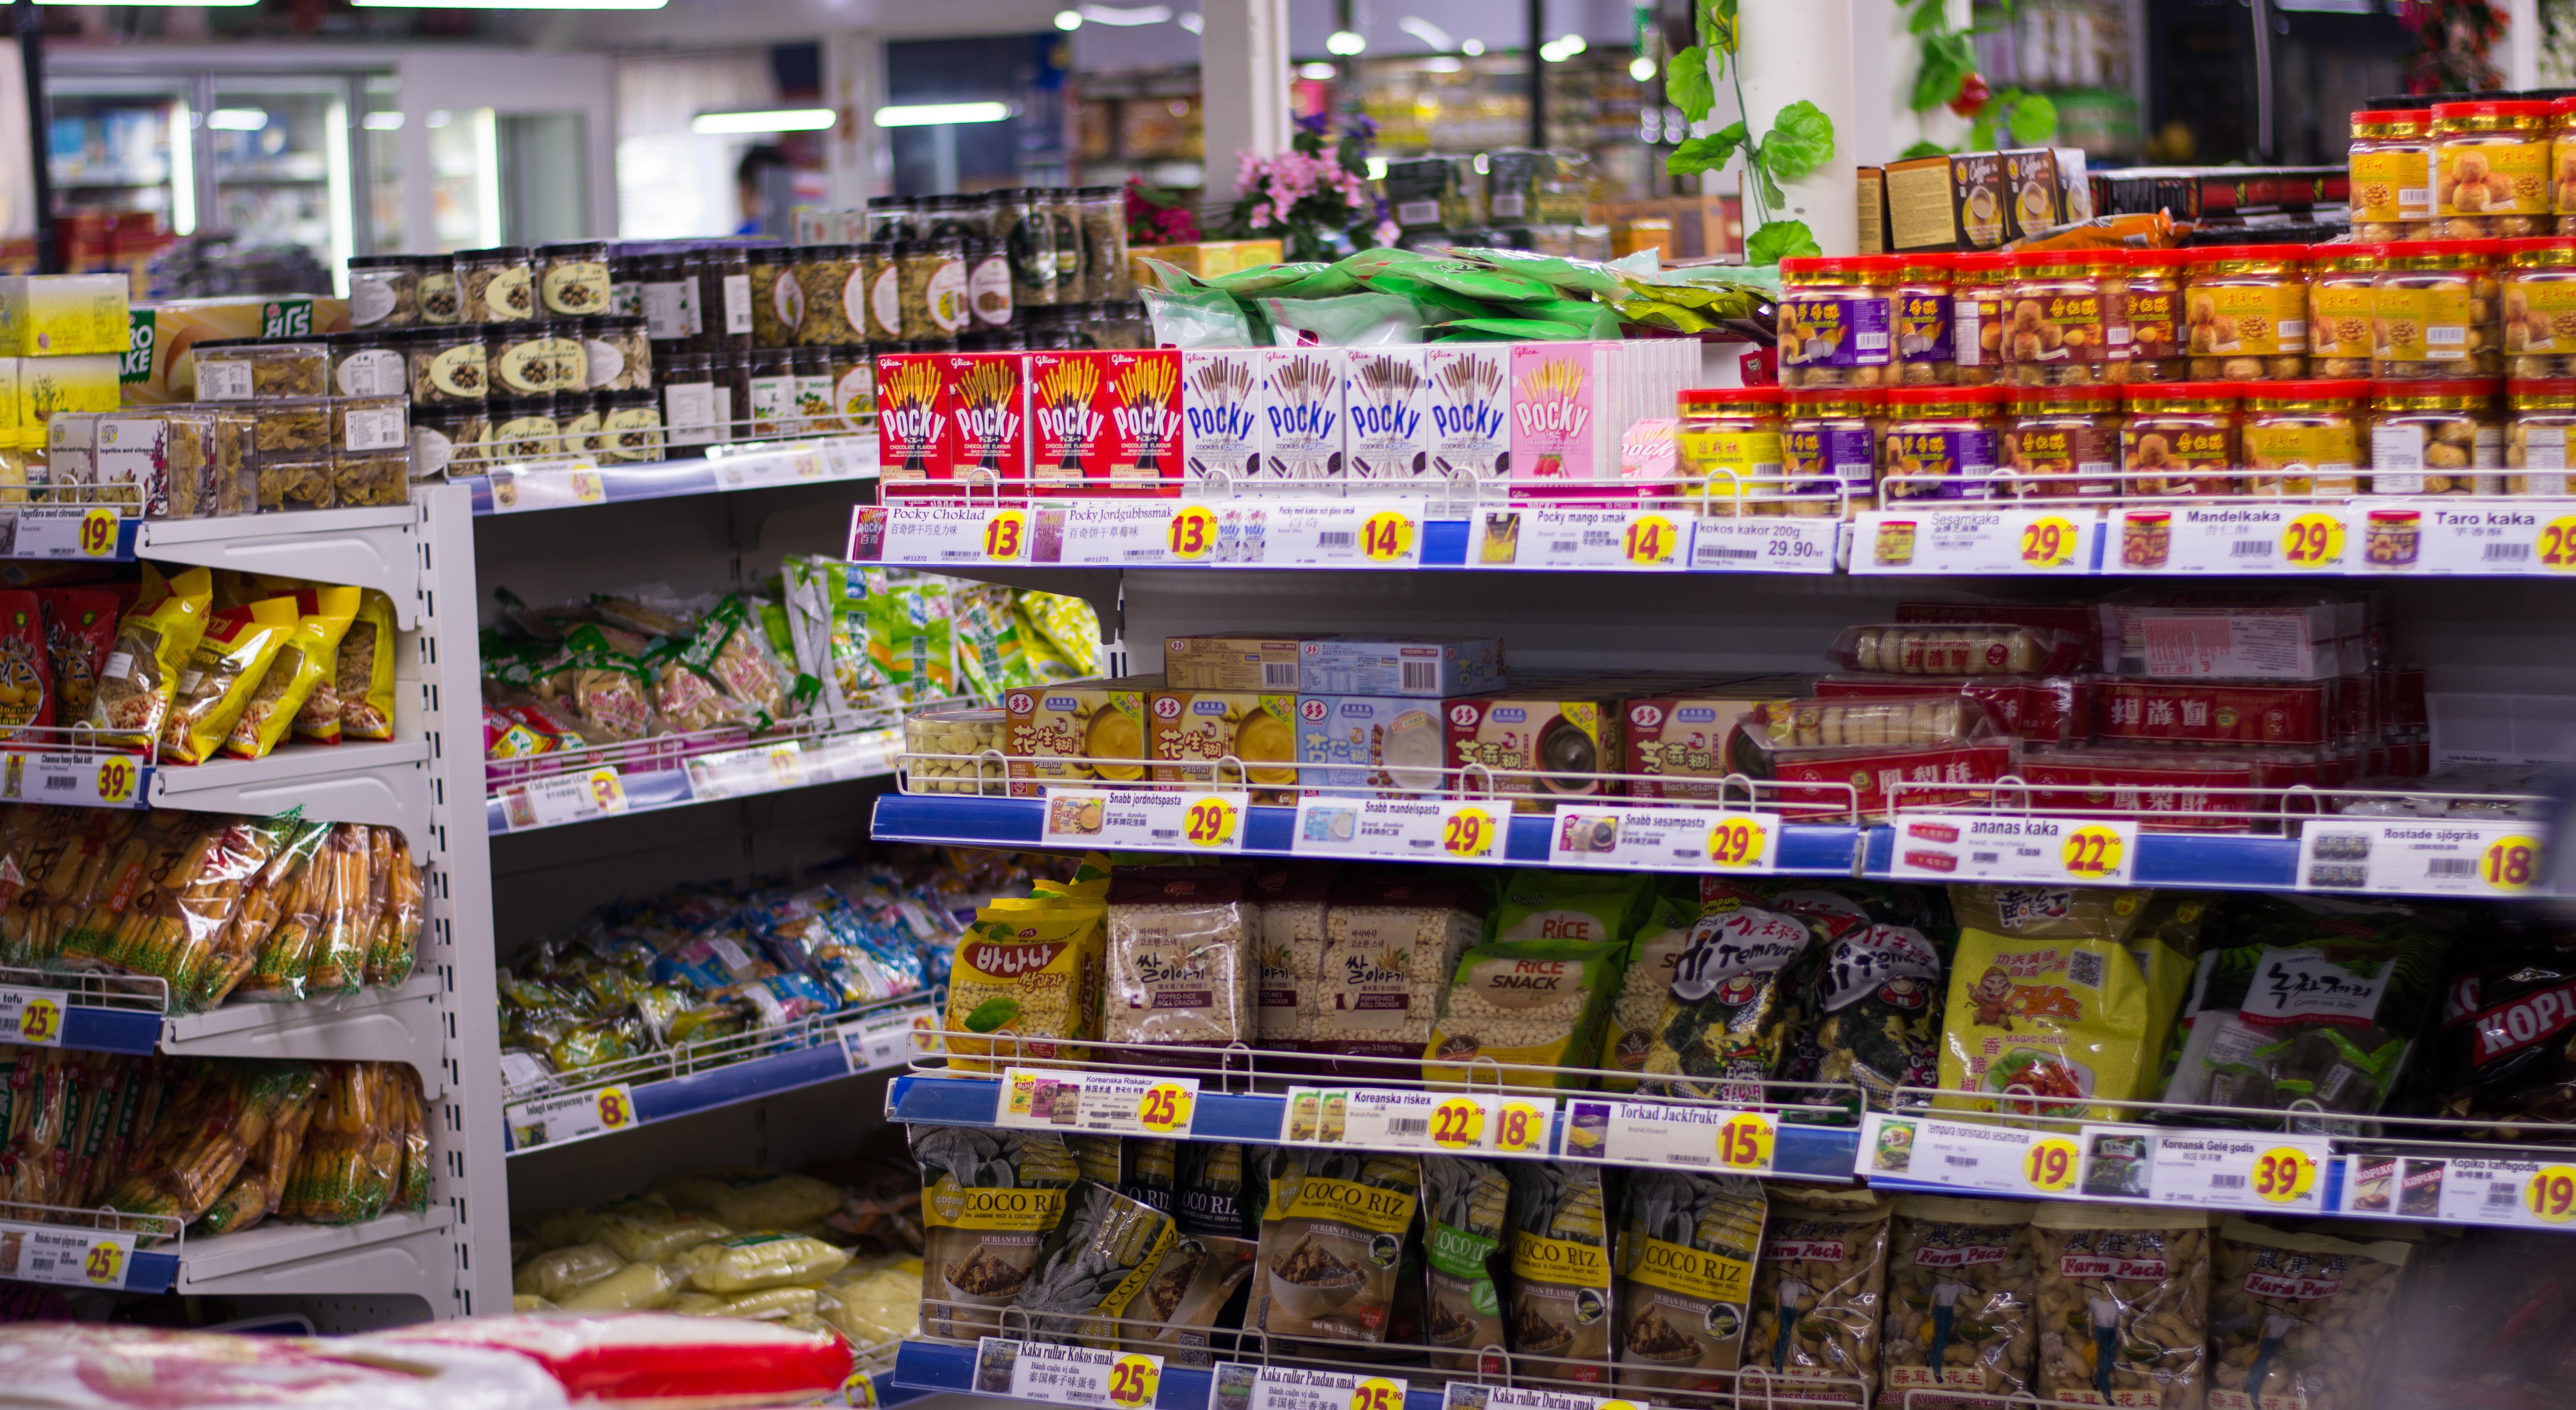 hungfat-butik-översikt